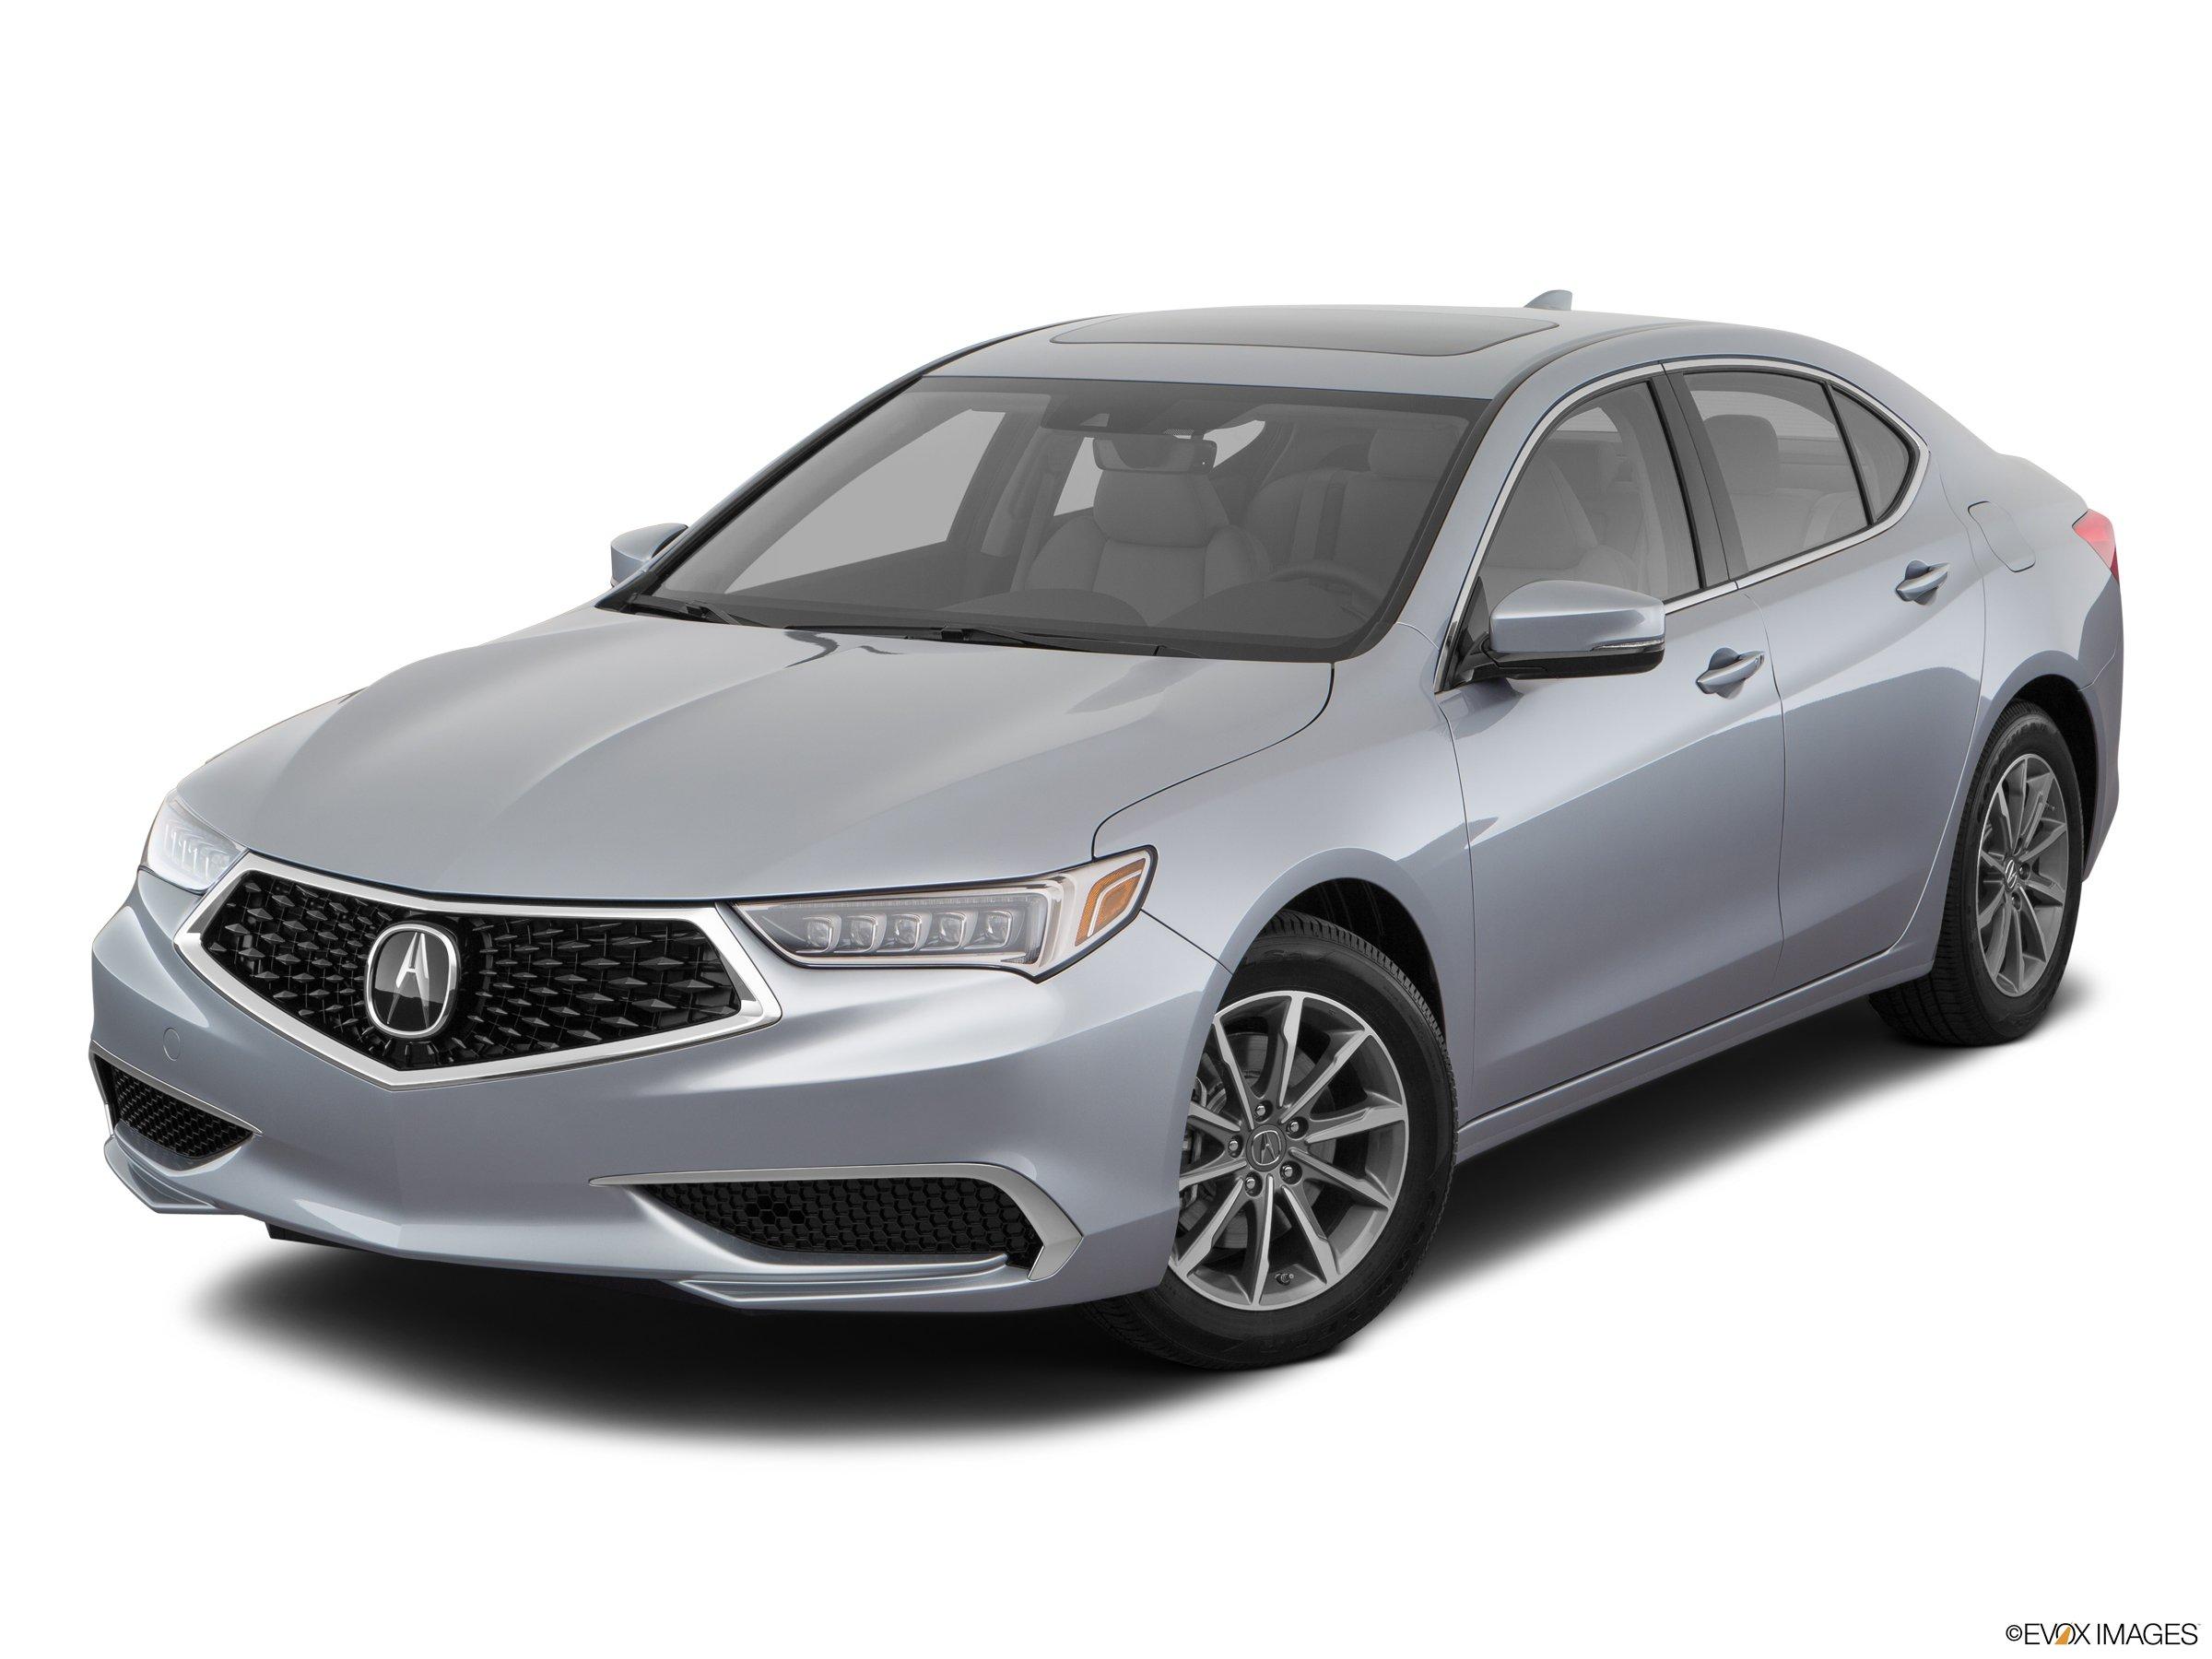 2020 Acura TLX 2.4 8-DCT P-AWS FWD sedan